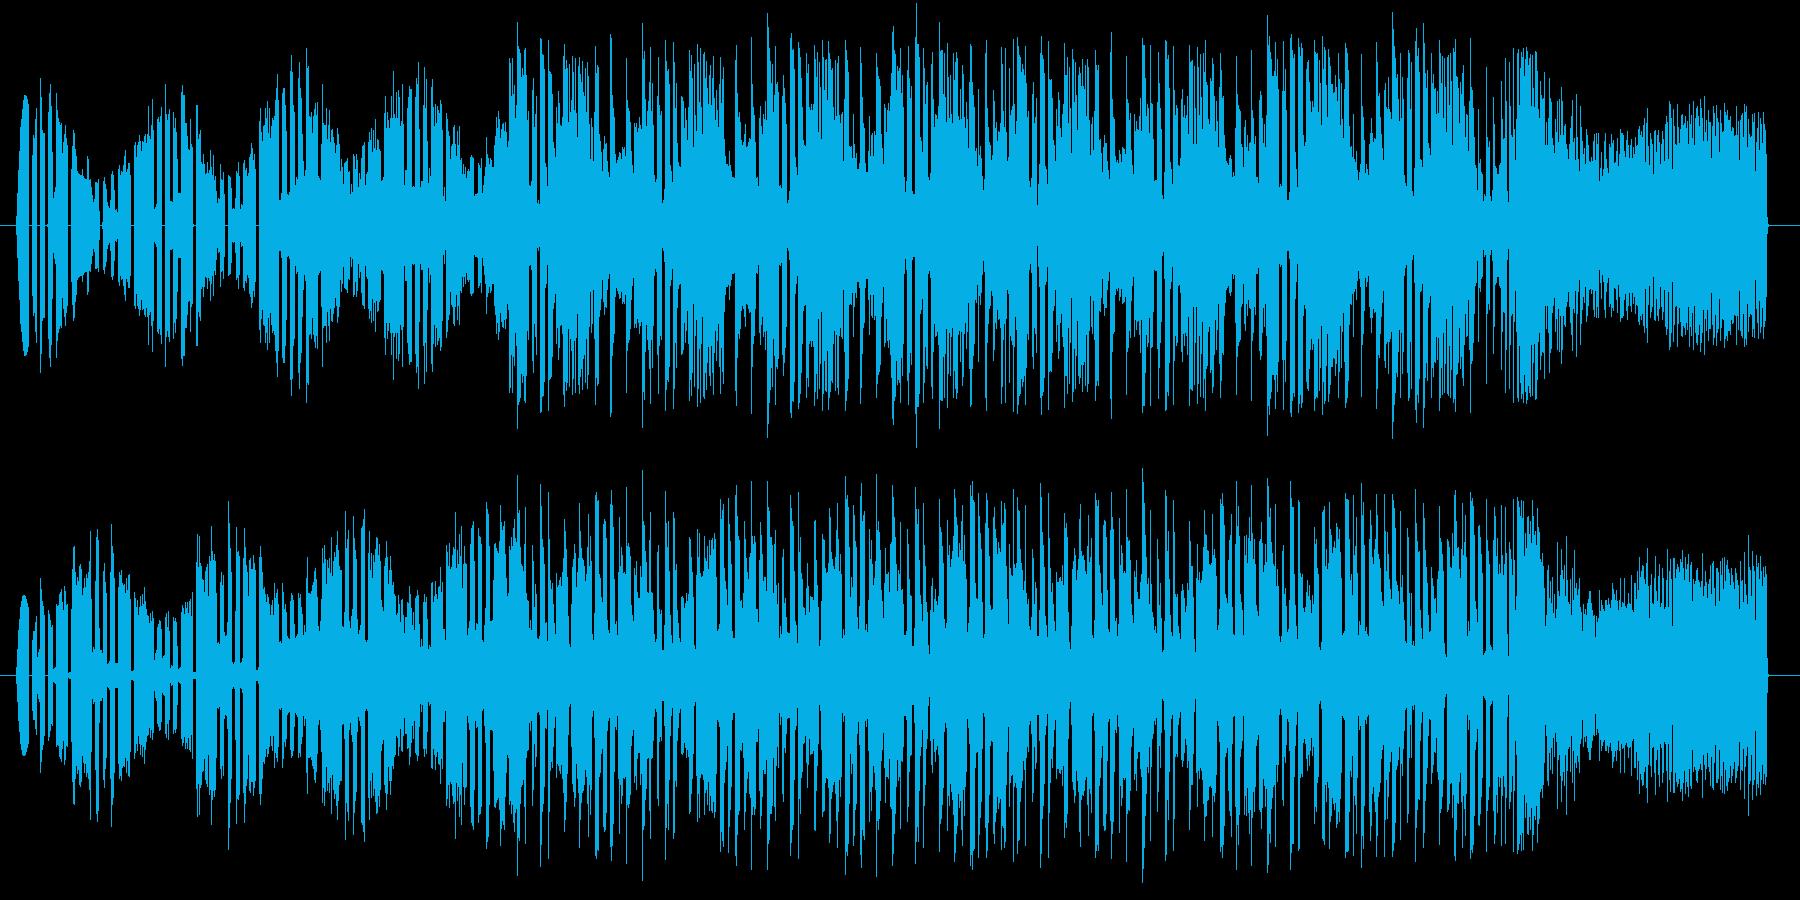 オリエンタル テクノ 和風 オープニングの再生済みの波形